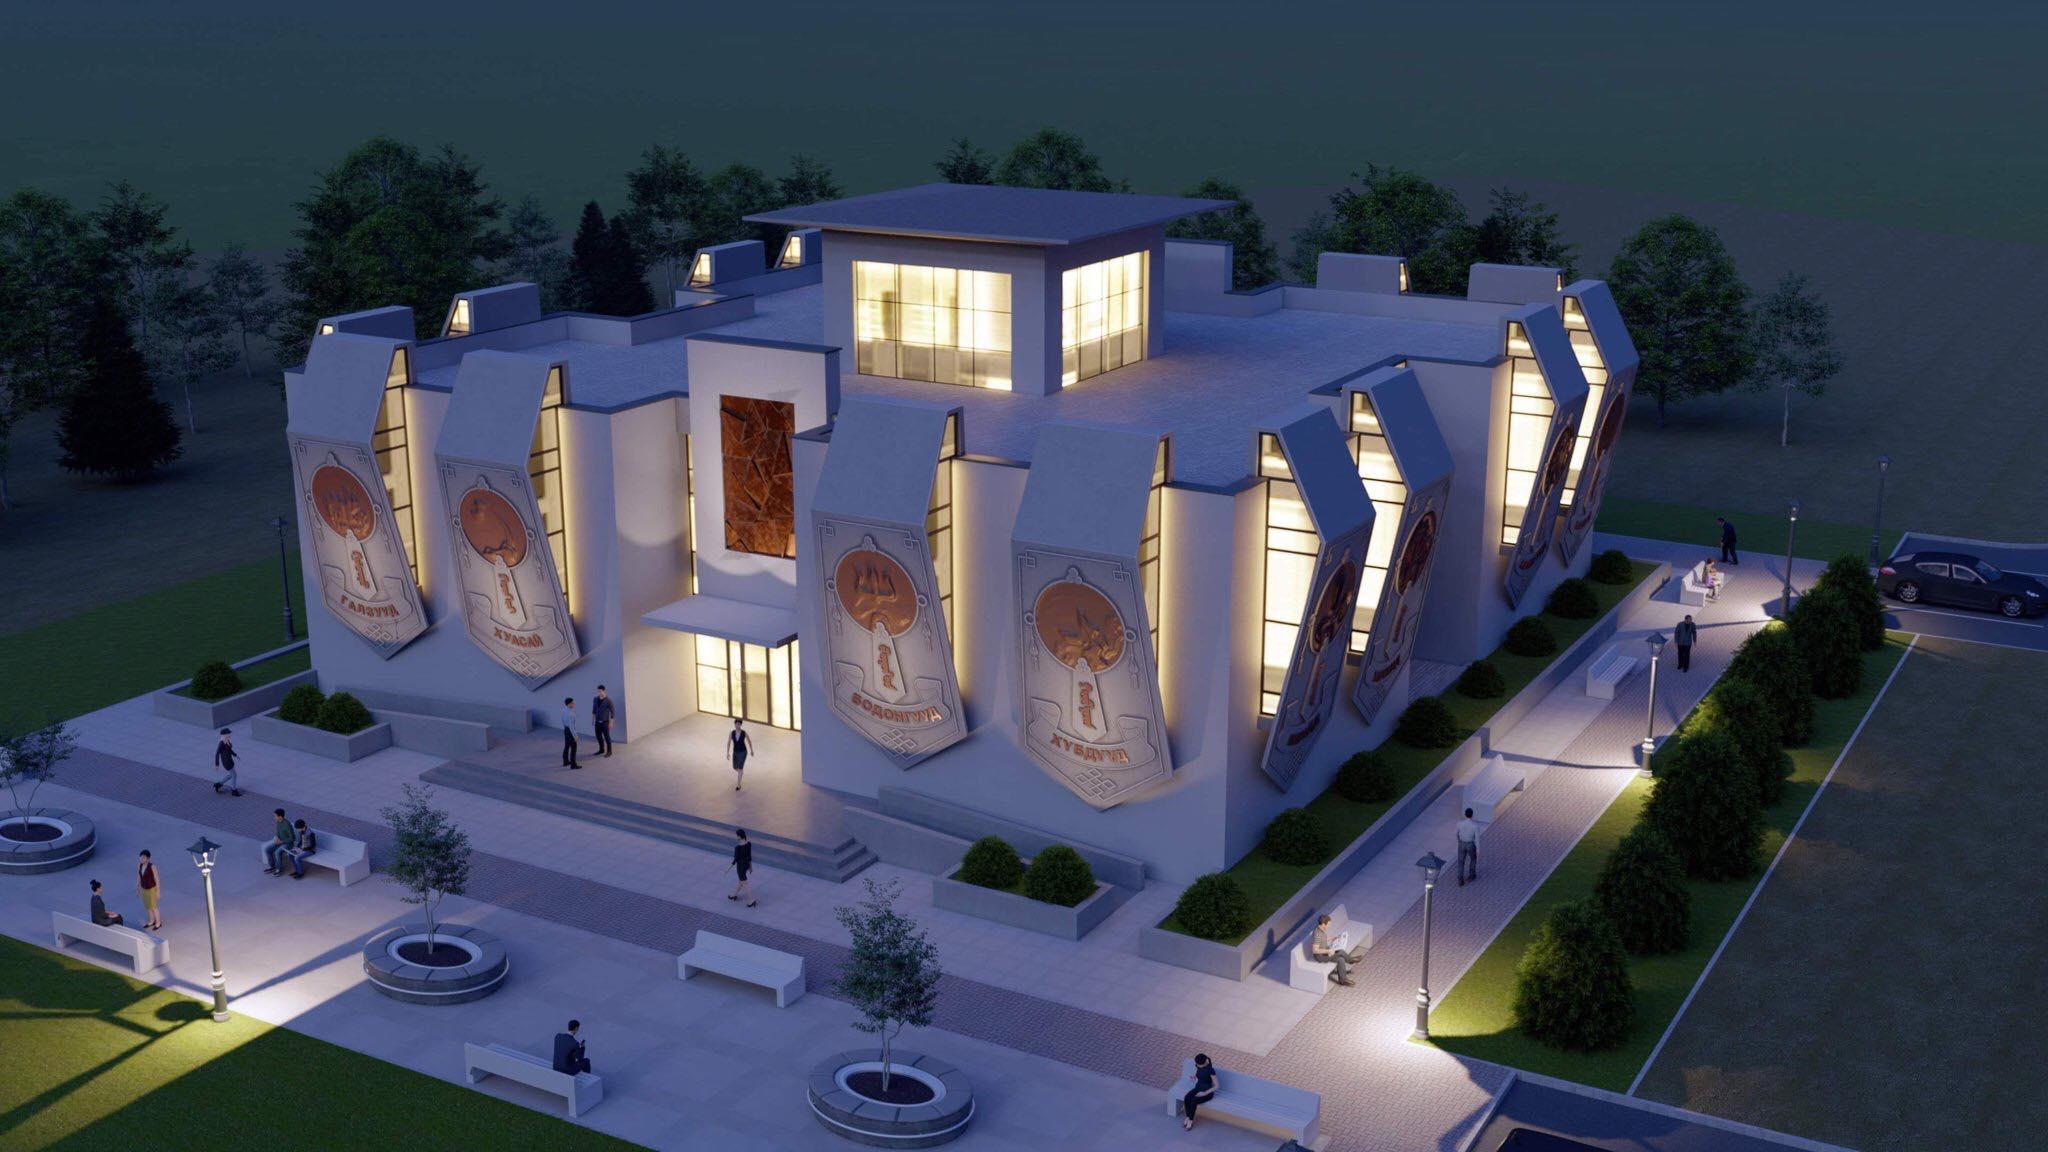 Дорнодын Дашбалбар суманд Буриад судлалын музей байгуулна